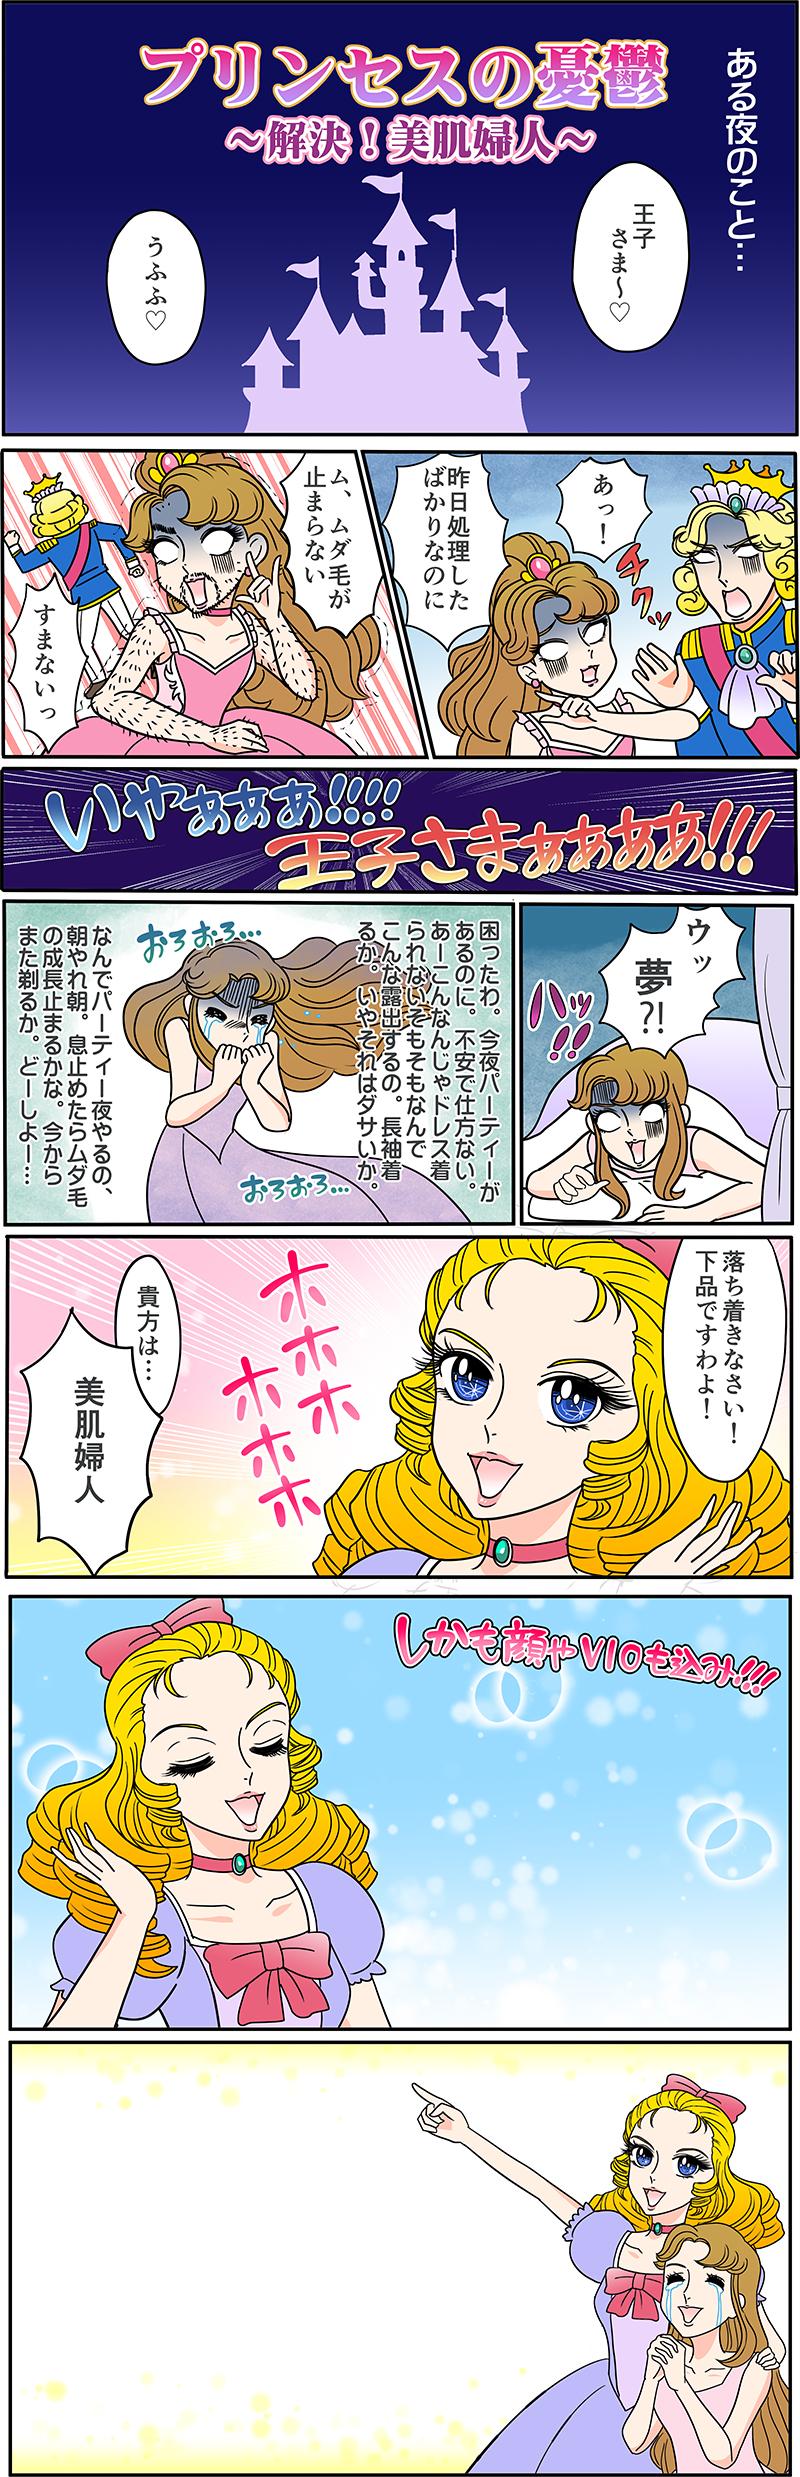 女性向けサロンのマンガ動画広告[画像1]